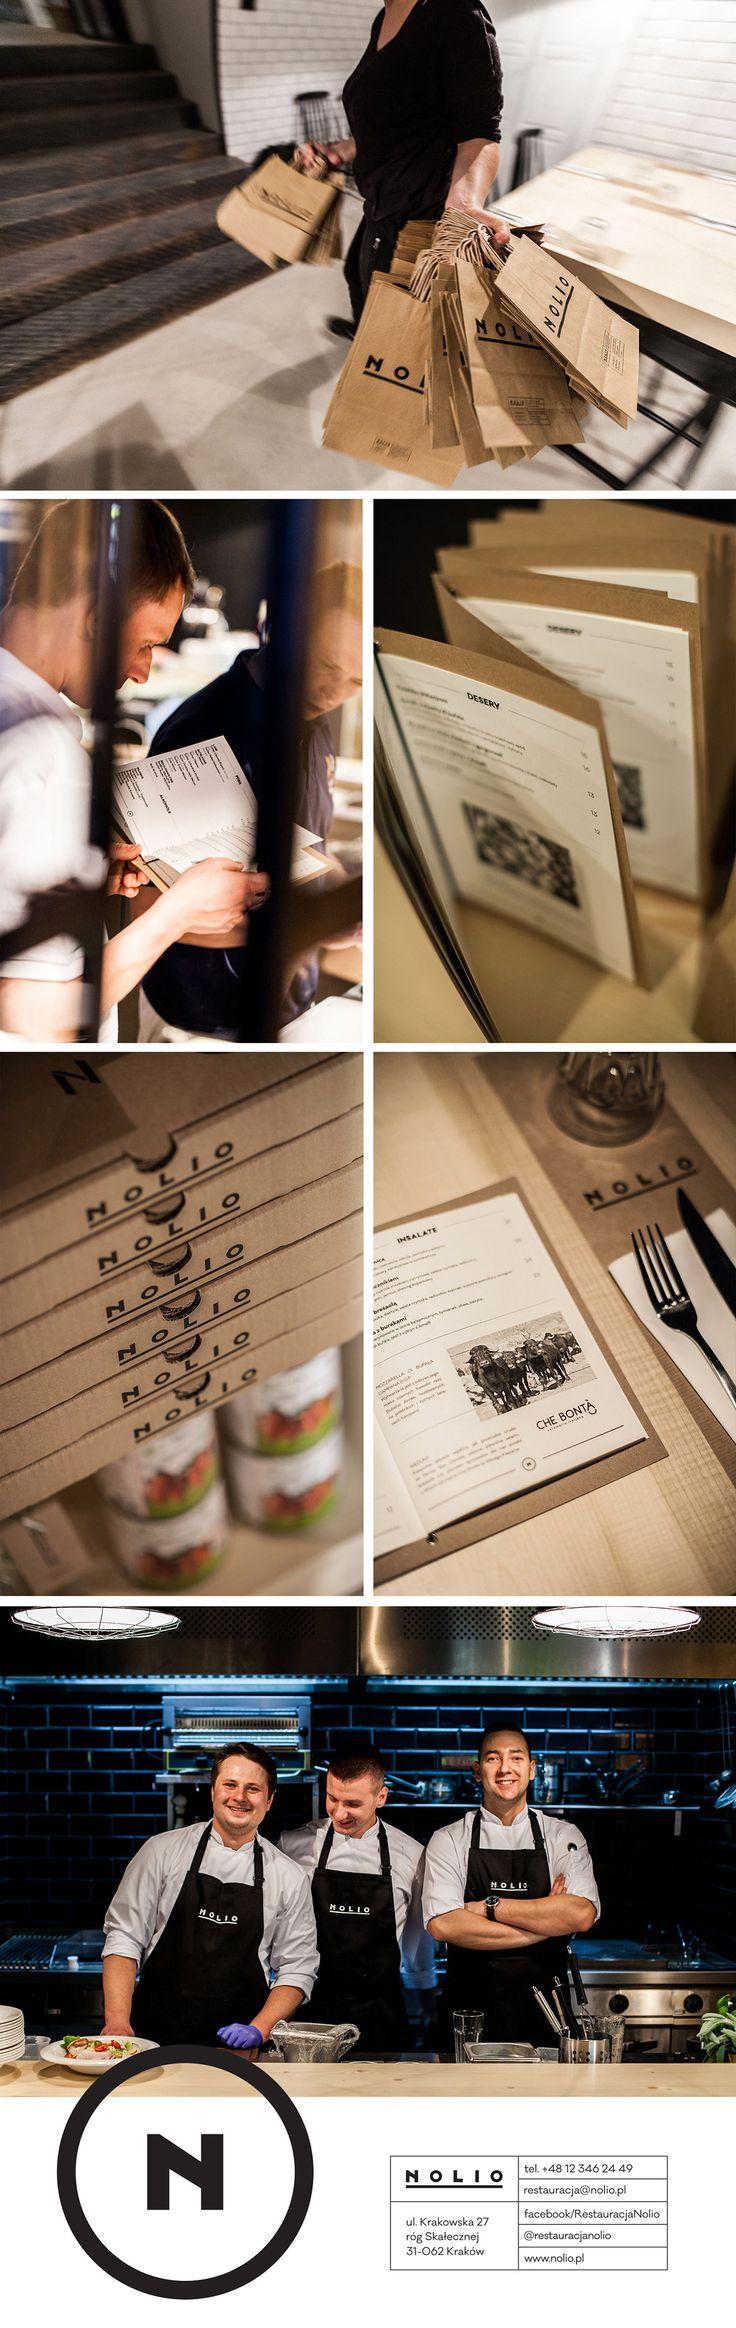 White apron menu warrington - Nolio Is A Italian Restaurant In Krak W